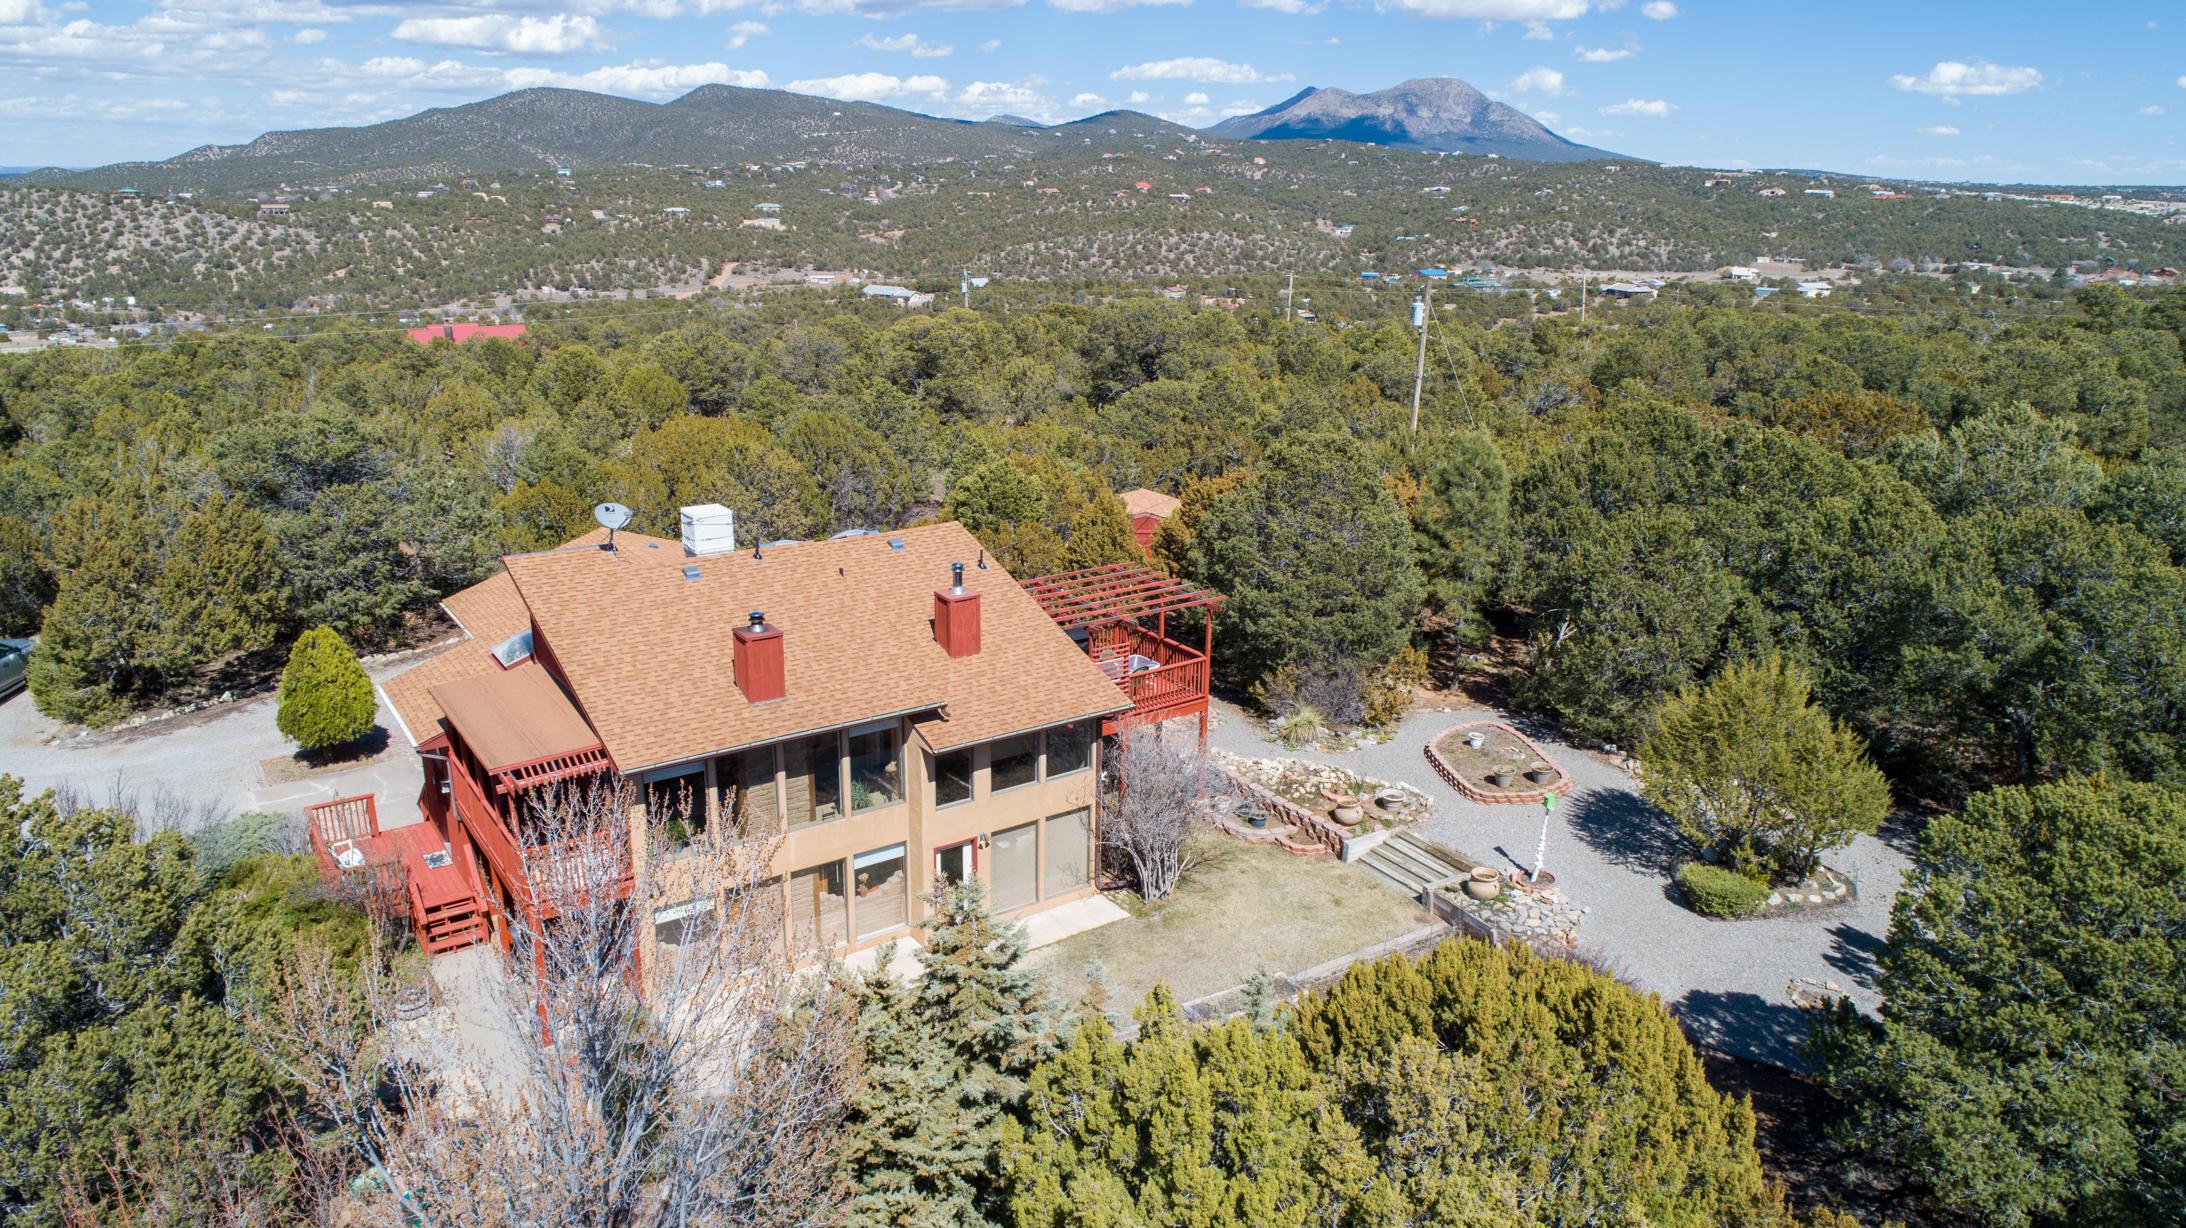 12 OAKMONT RIDGE Road, Sandia Park, NM 87047 - Sandia Park, NM real estate listing